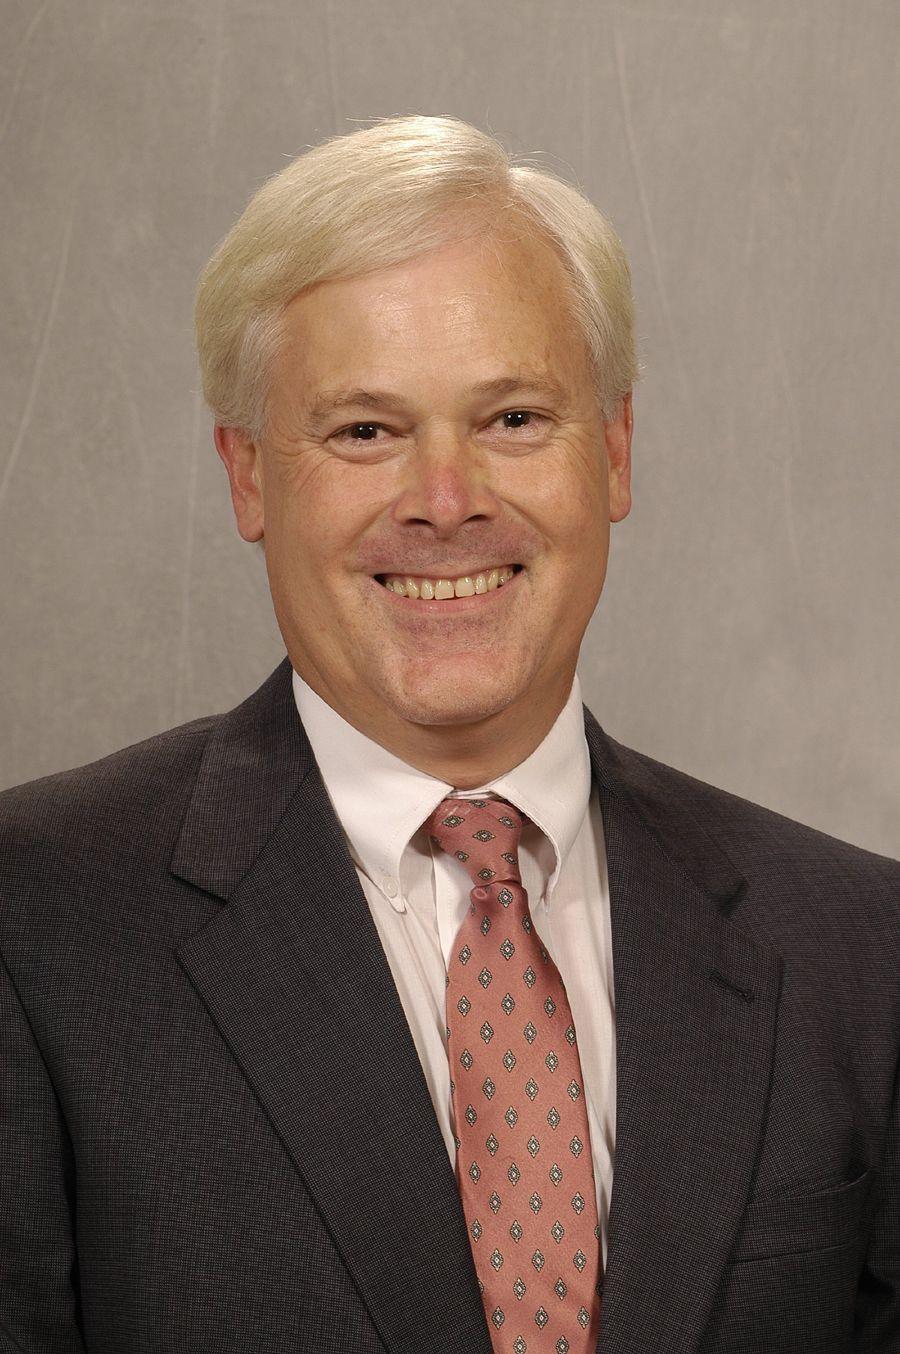 Robert M. Wilcox named dean of USC law school